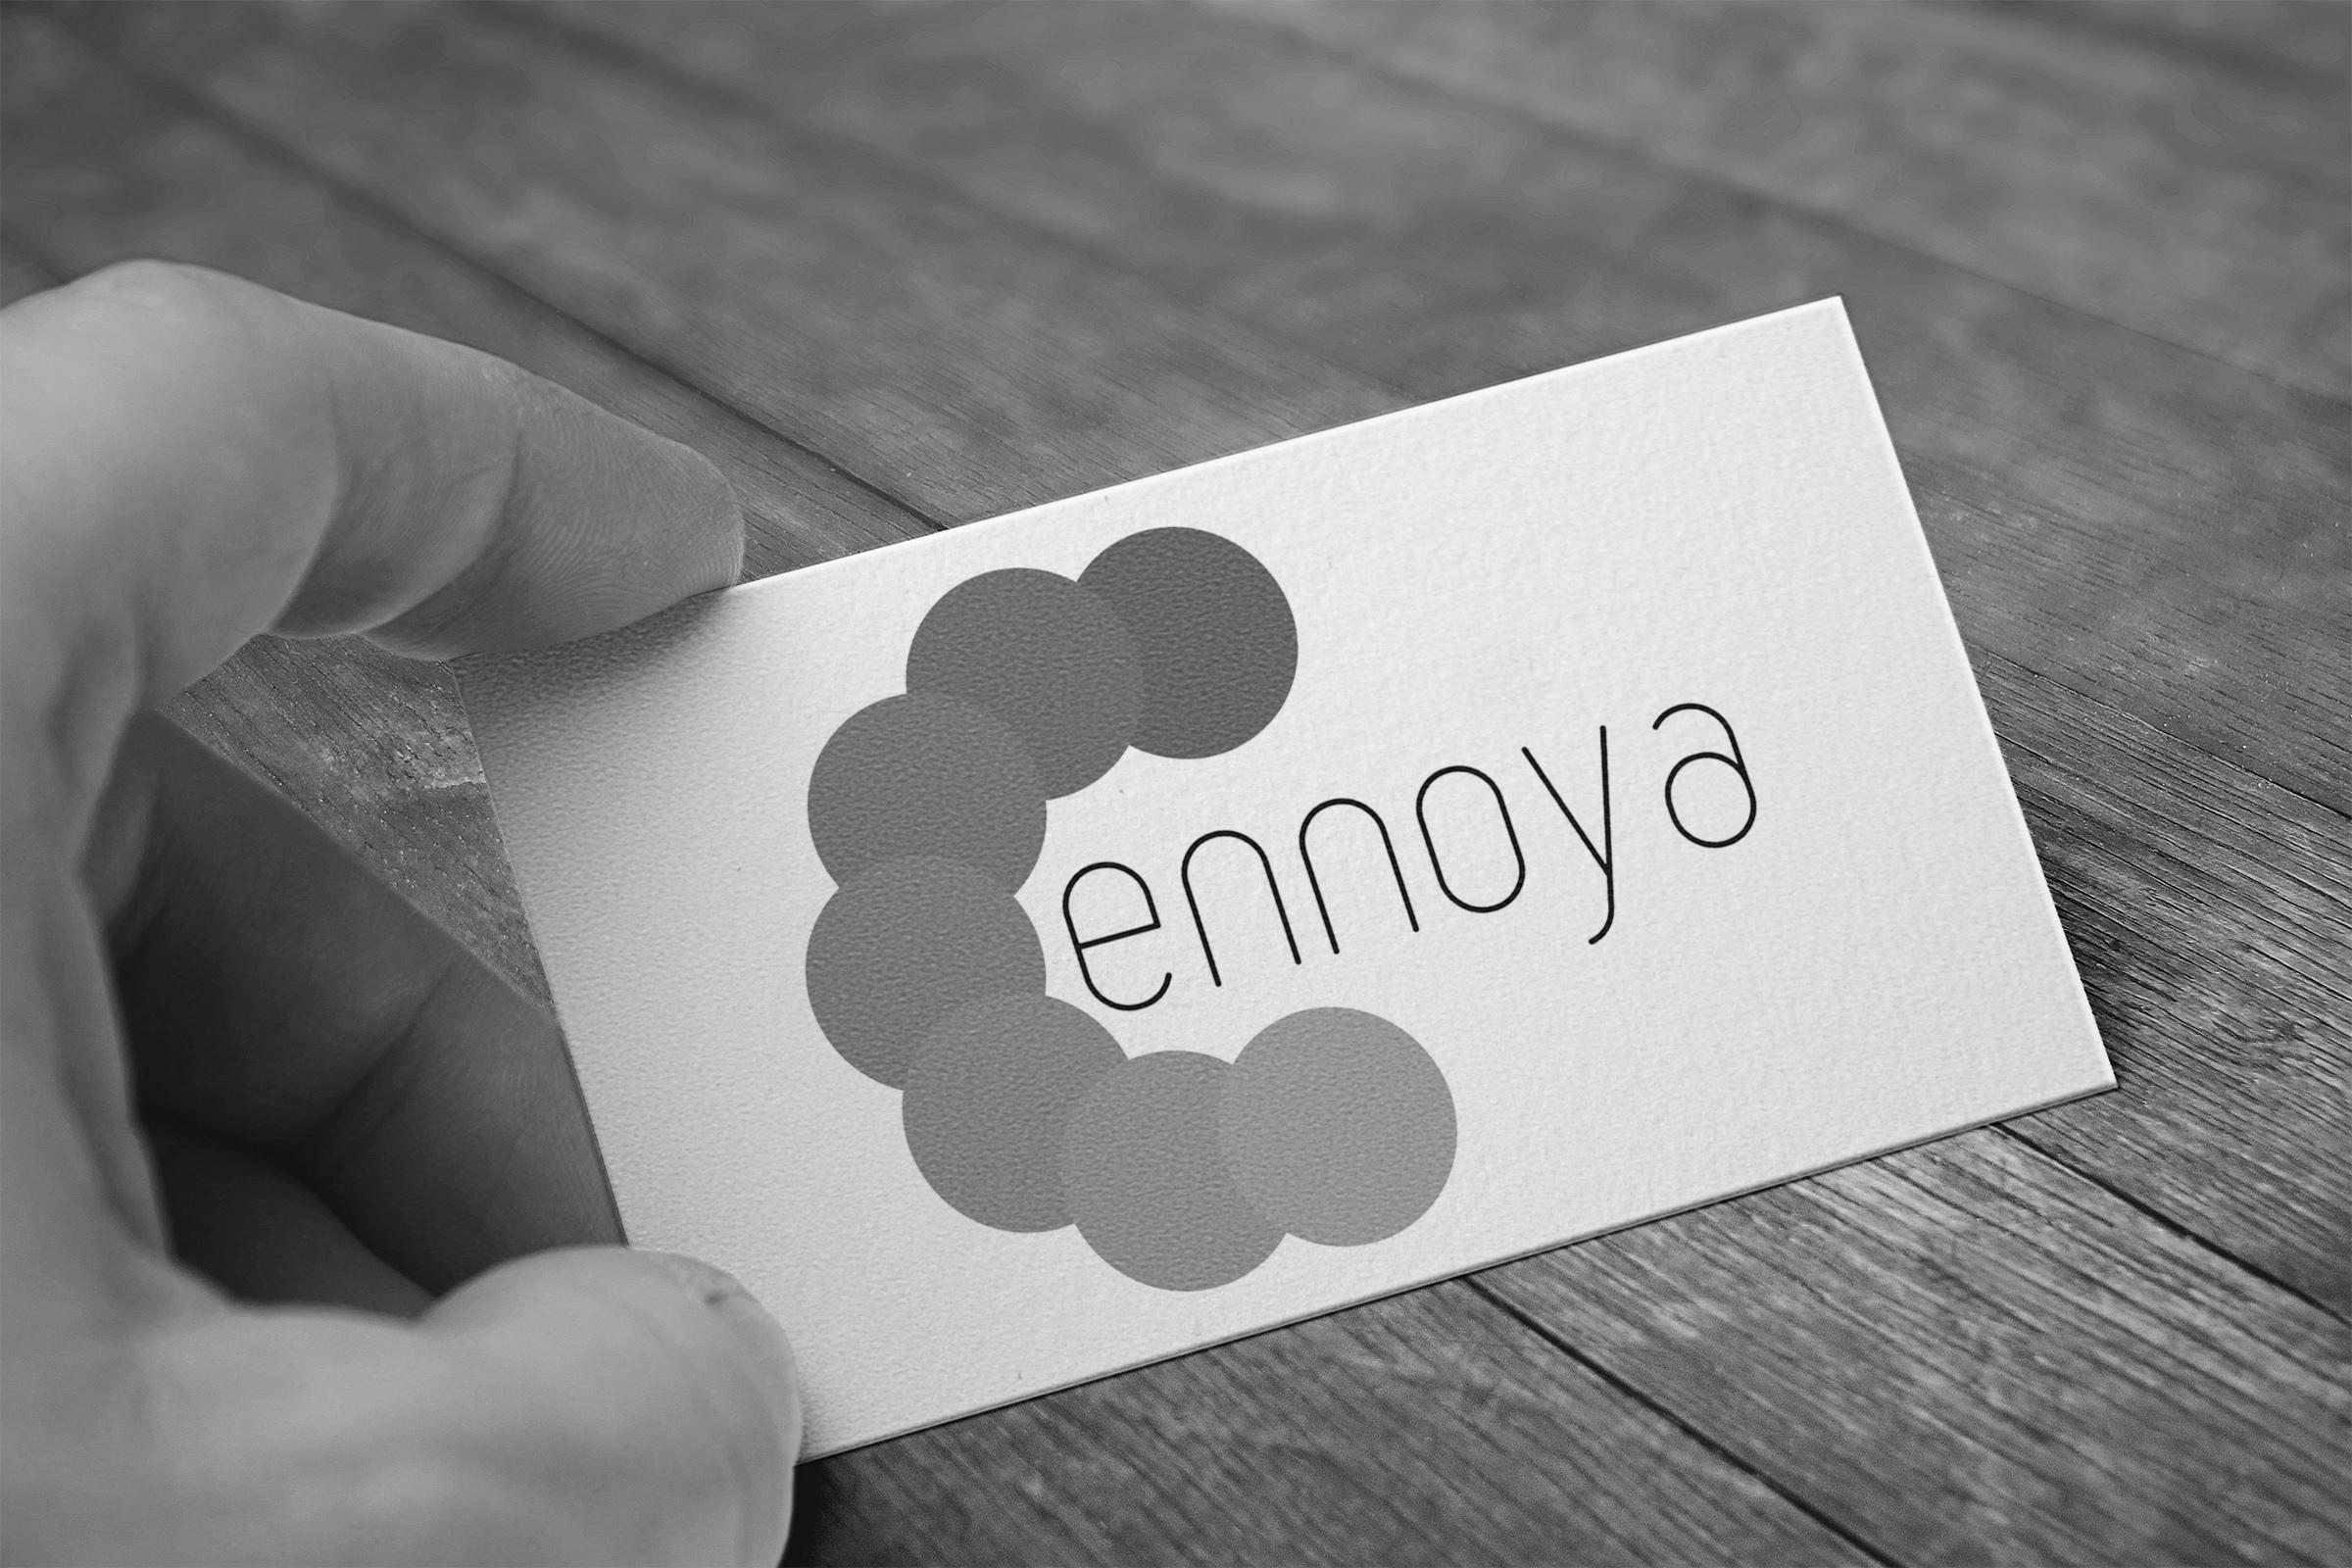 Логотип + фирменный стиль для продуктовой IT компании фото f_3405acf5807480c2.jpg